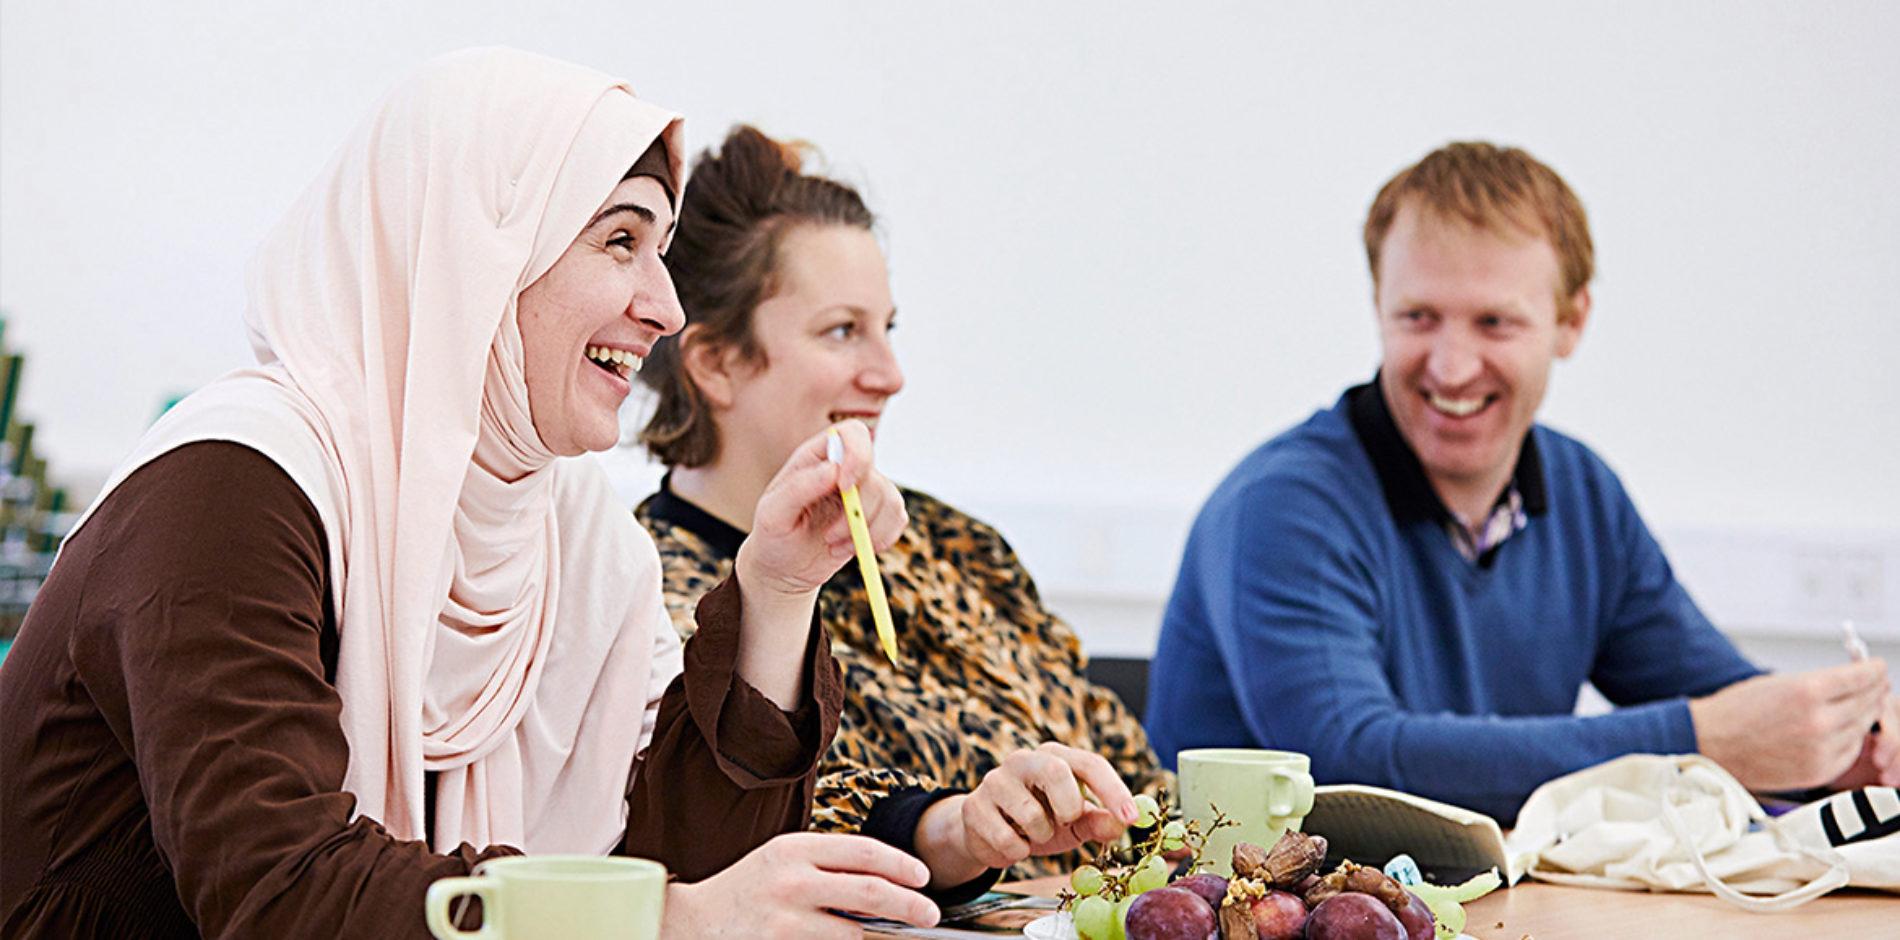 Språkbad i arabiskacirkel